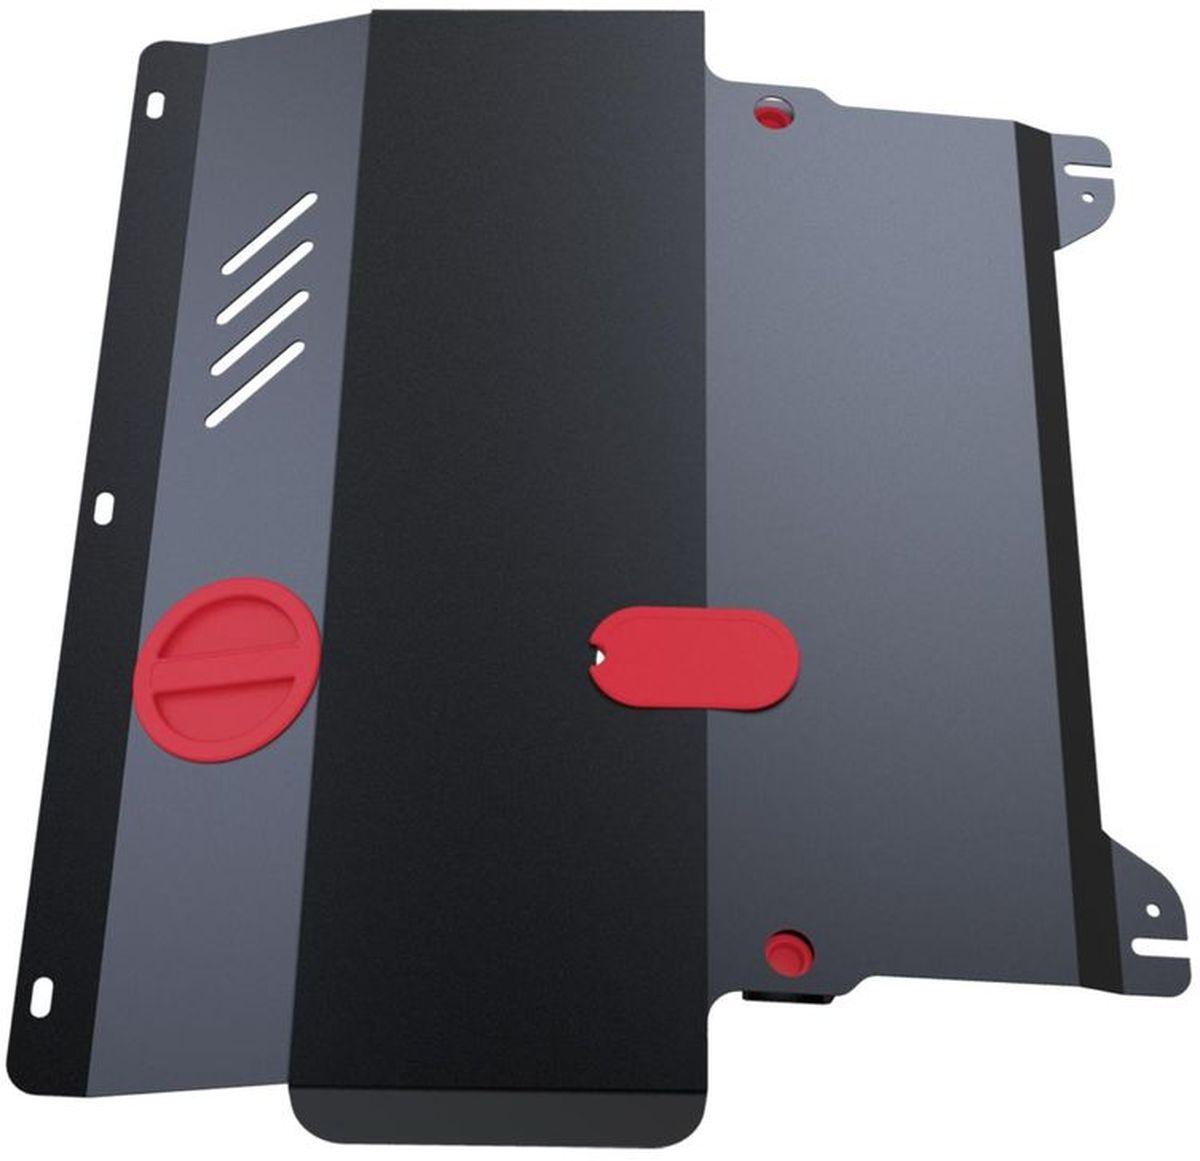 Защита картера Автоброня, для Nissan Rnessa, V - 2,0 (1997-2000)111.04139.1Технологически совершенный продукт за невысокую стоимость. Защита разработана с учетом особенностей днища автомобиля, что позволяет сохранить дорожный просвет с минимальным изменением. Защита устанавливается в штатные места кузова автомобиля. Глубокий штамп обеспечивает до двух раз больше жесткости в сравнении с обычной защитой той же толщины. Проштампованные ребра жесткости препятствуют деформации защиты при ударах. Тепловой зазор и вентиляционные отверстия обеспечивают сохранение температурного режима двигателя в норме. Скрытый крепеж предотвращает срыв крепежных элементов при наезде на препятствие. Шумопоглощающие резиновые элементы обеспечивают комфортную езду без вибраций и скрежета металла, а съемные лючки для слива масла и замены фильтра - экономию средств и время. Конструкция изделия не влияет на пассивную безопасность автомобиля (при ударе защита не воздействует на деформационные зоны кузова). Со штатным крепежом. В комплекте инструкция по установке....